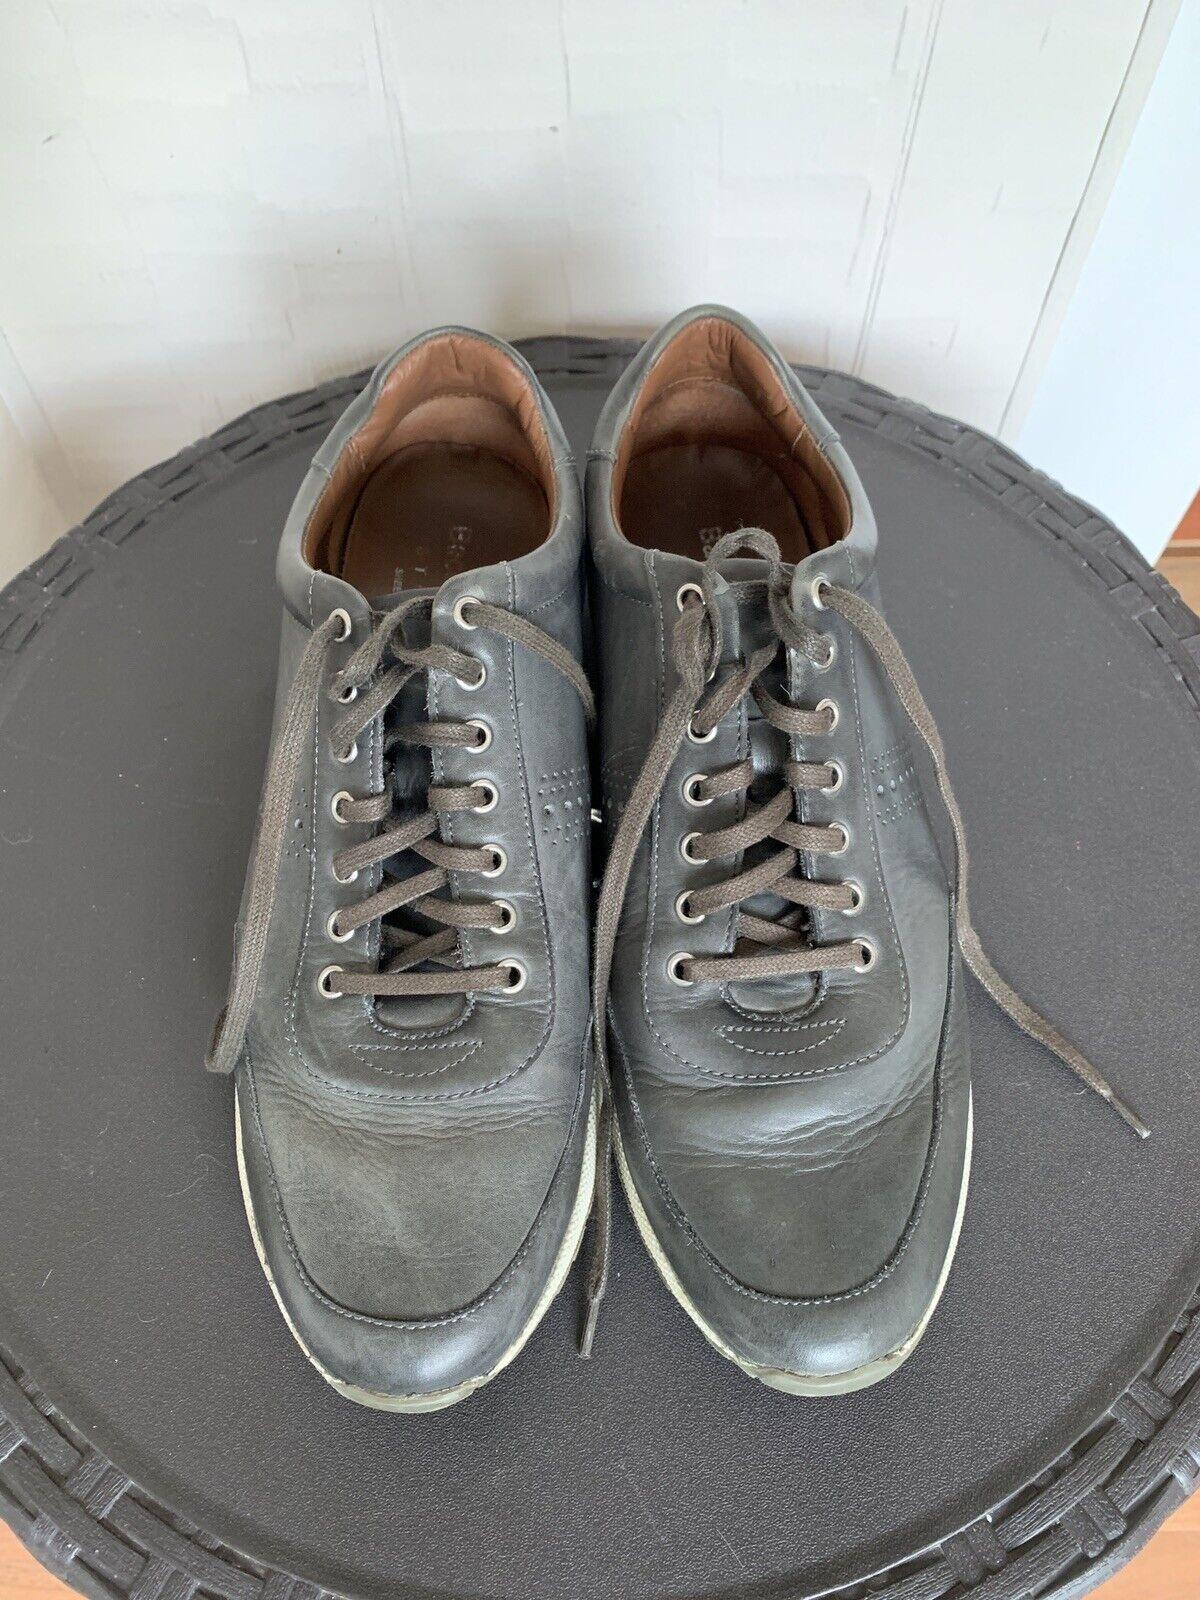 Backo Bucci Studio gris cordero moda calzado de Oxford 12 yardas masculino